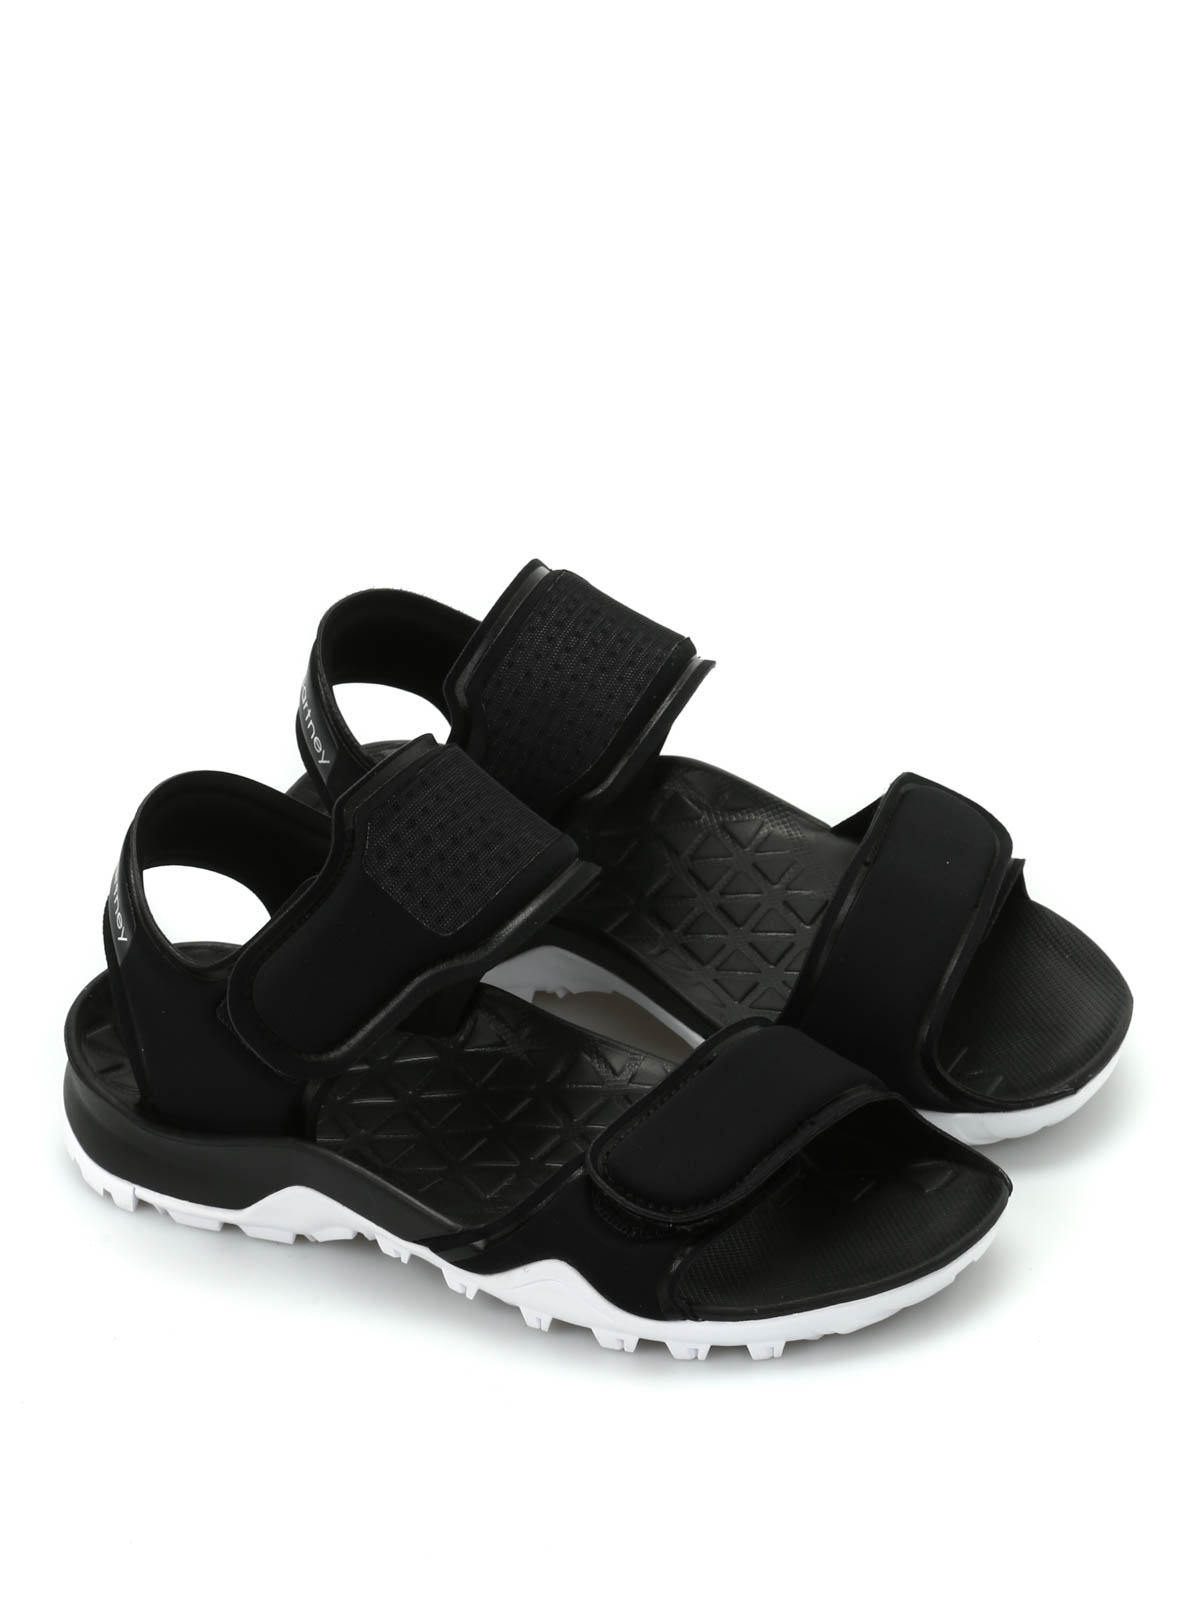 Hikara Sport Da Sandali Da Adidas Da Sport Stella Mccartney Sandali. b5baba